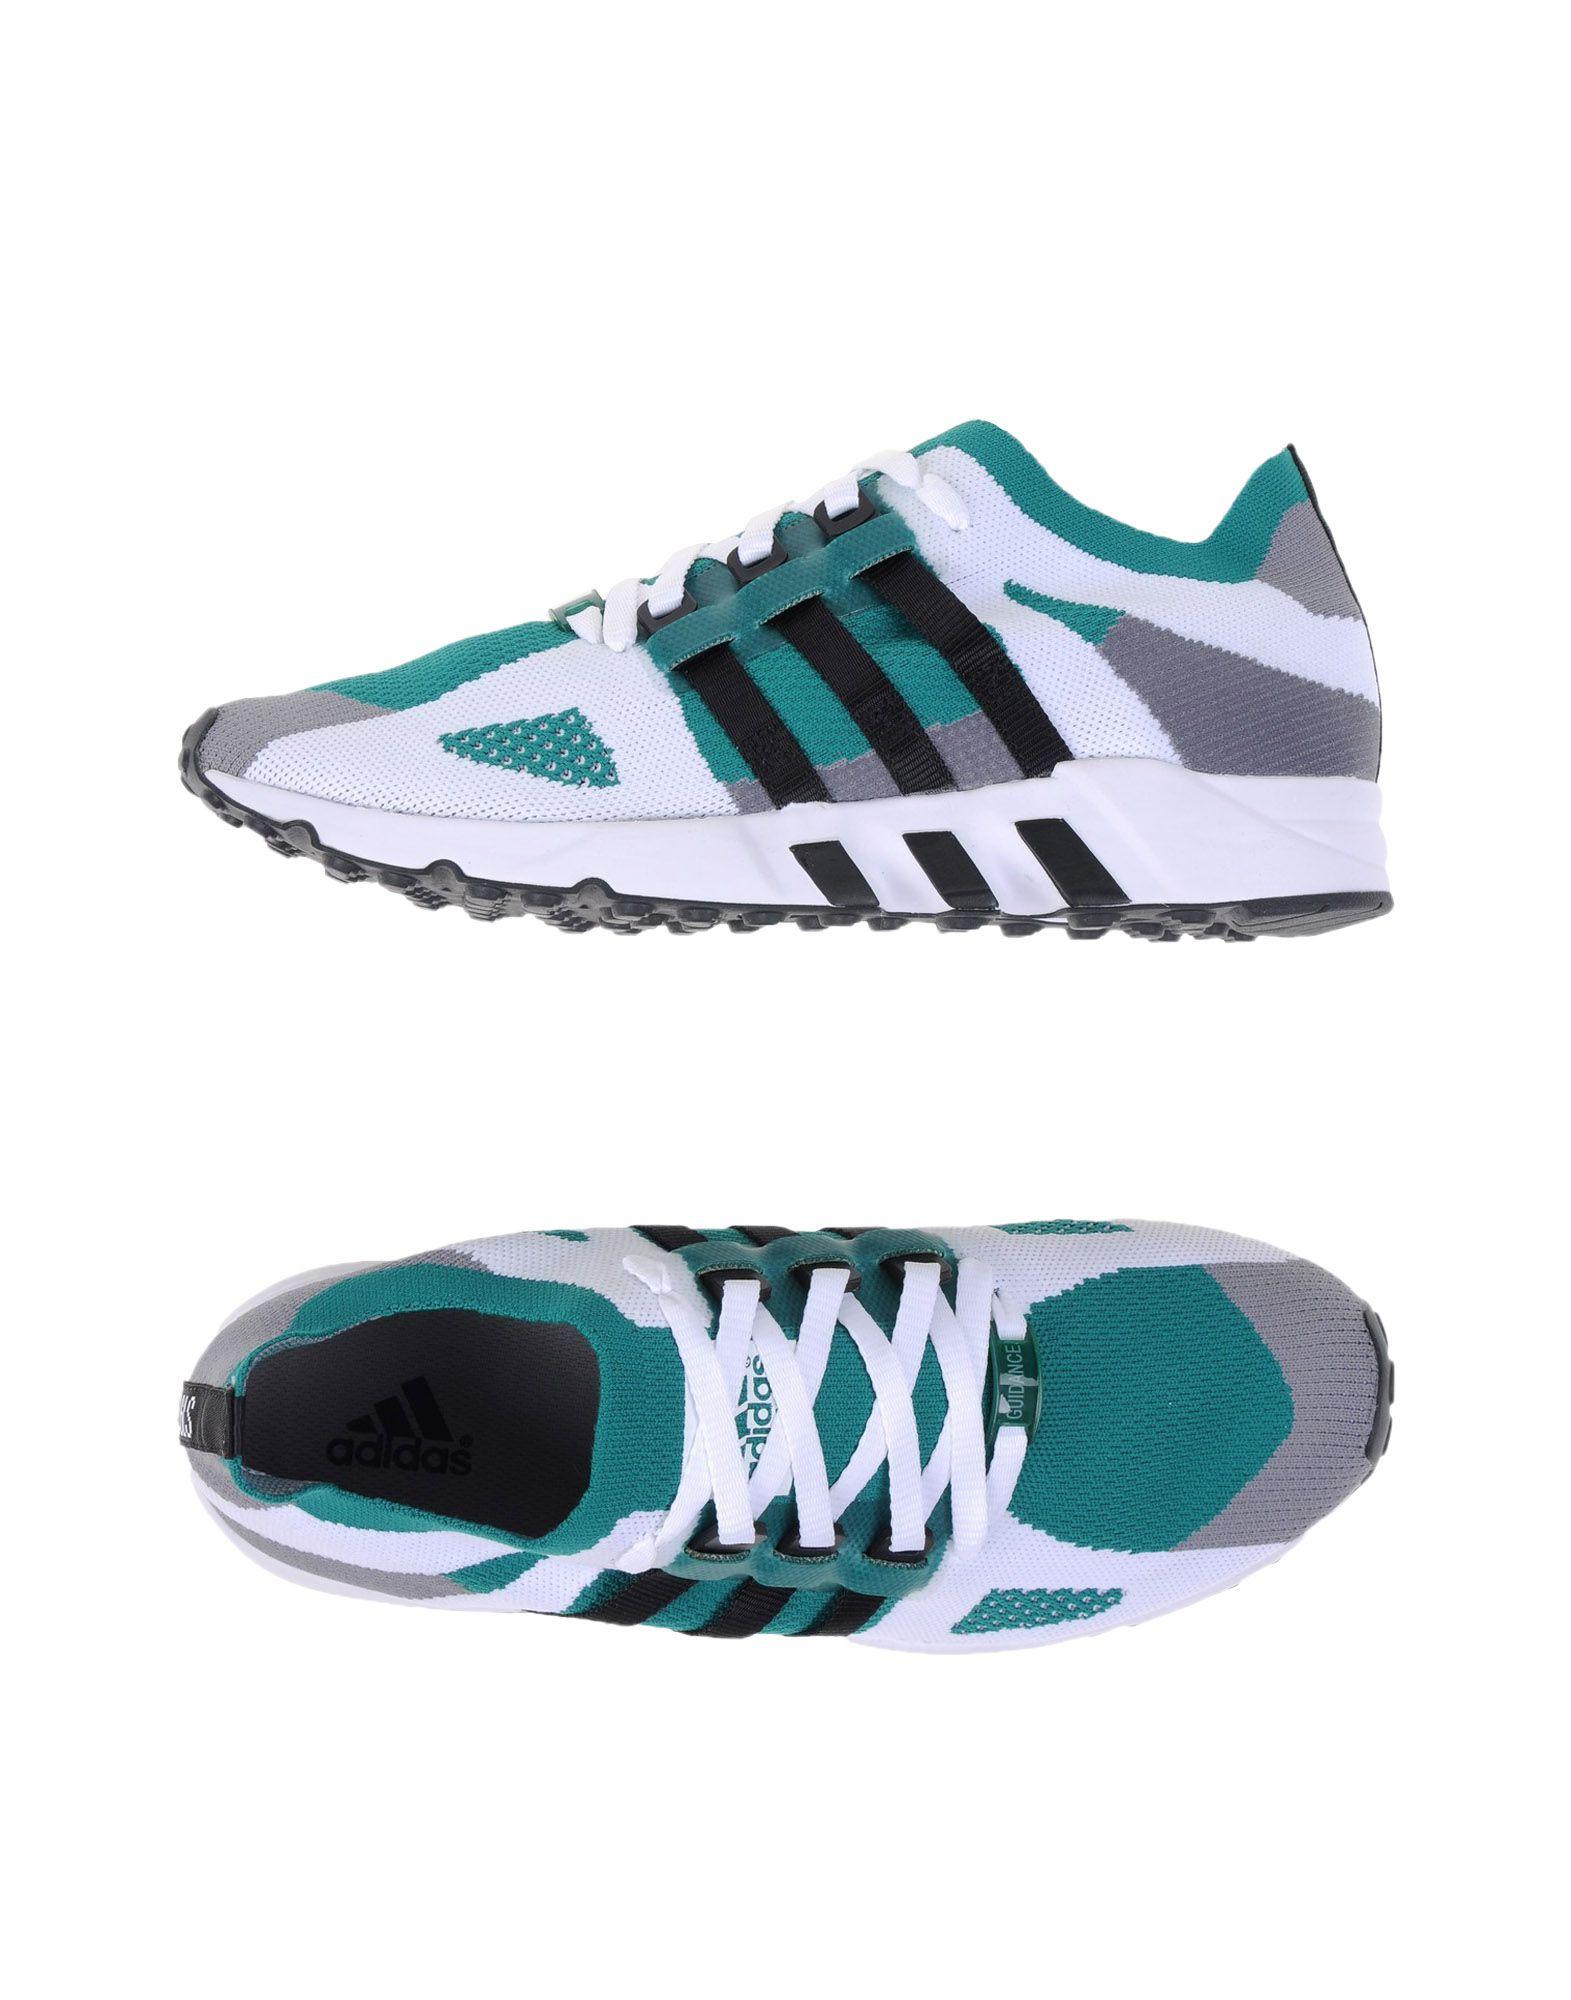 《送料無料》ADIDAS ORIGINALS メンズ スニーカー&テニスシューズ(ローカット) グリーン 8.5 紡績繊維 EQUIPMENT RUNNING G